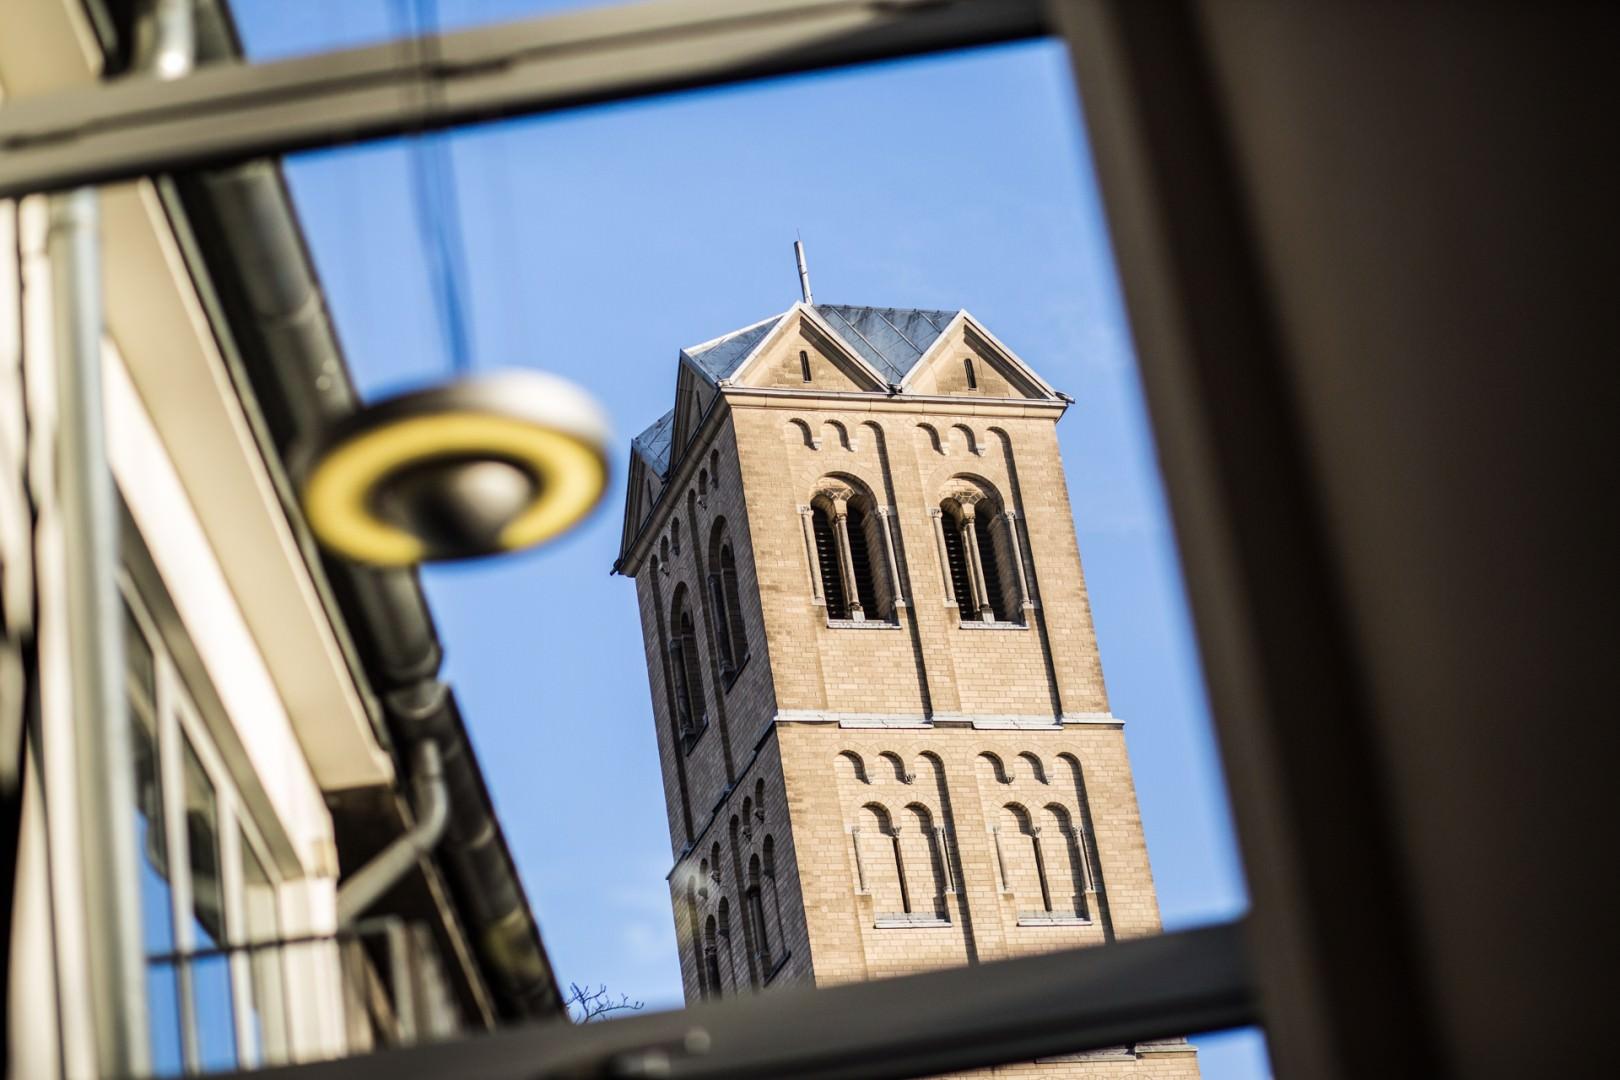 Blick auf den Turm der Gereonskirche